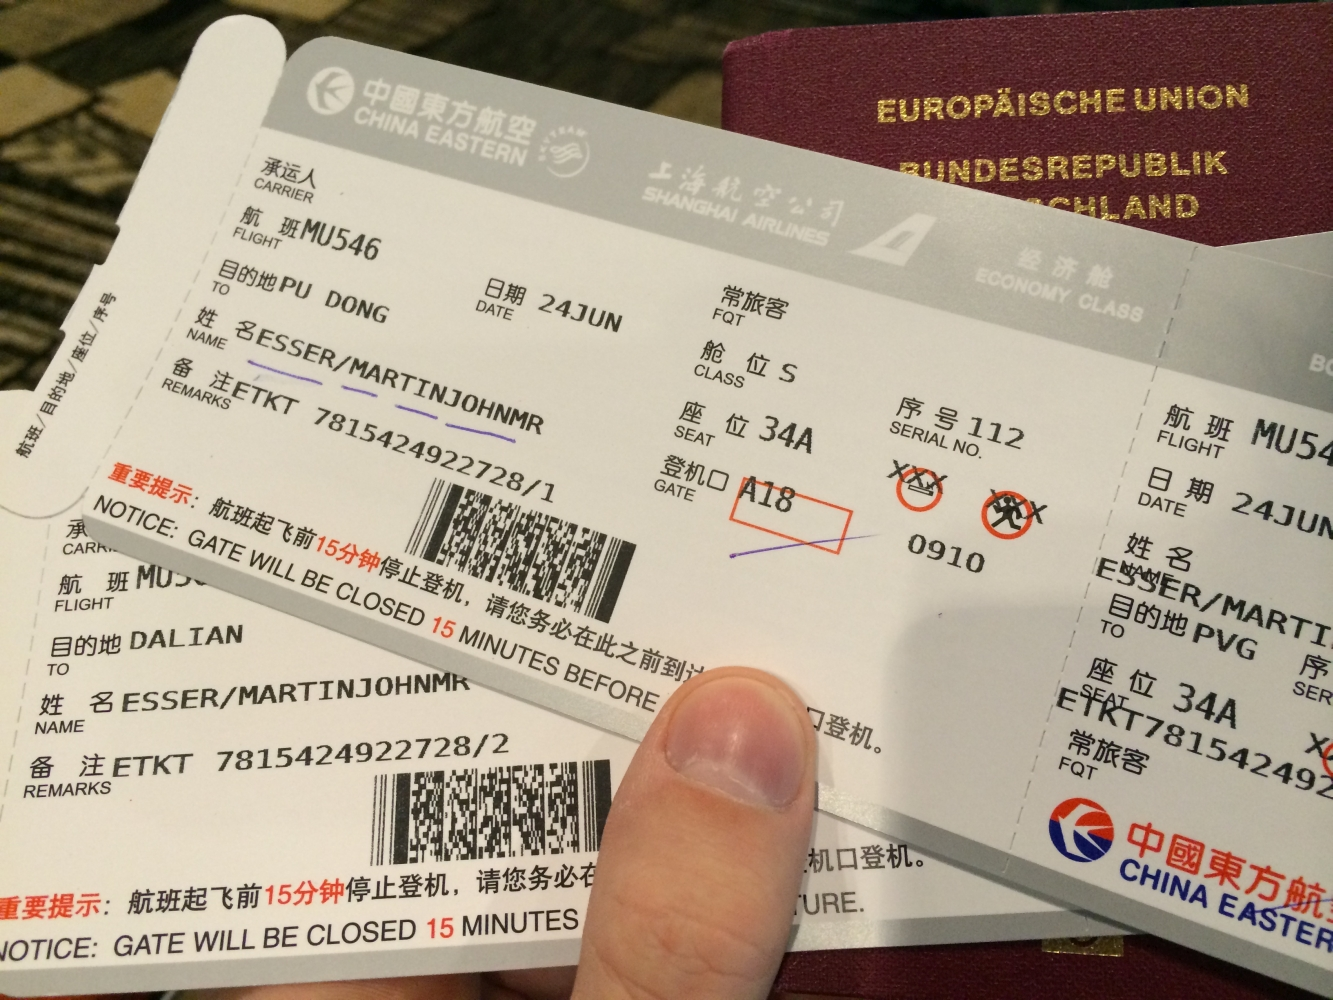 Nach Dalian via Schanghai mit China Eastern Airlines